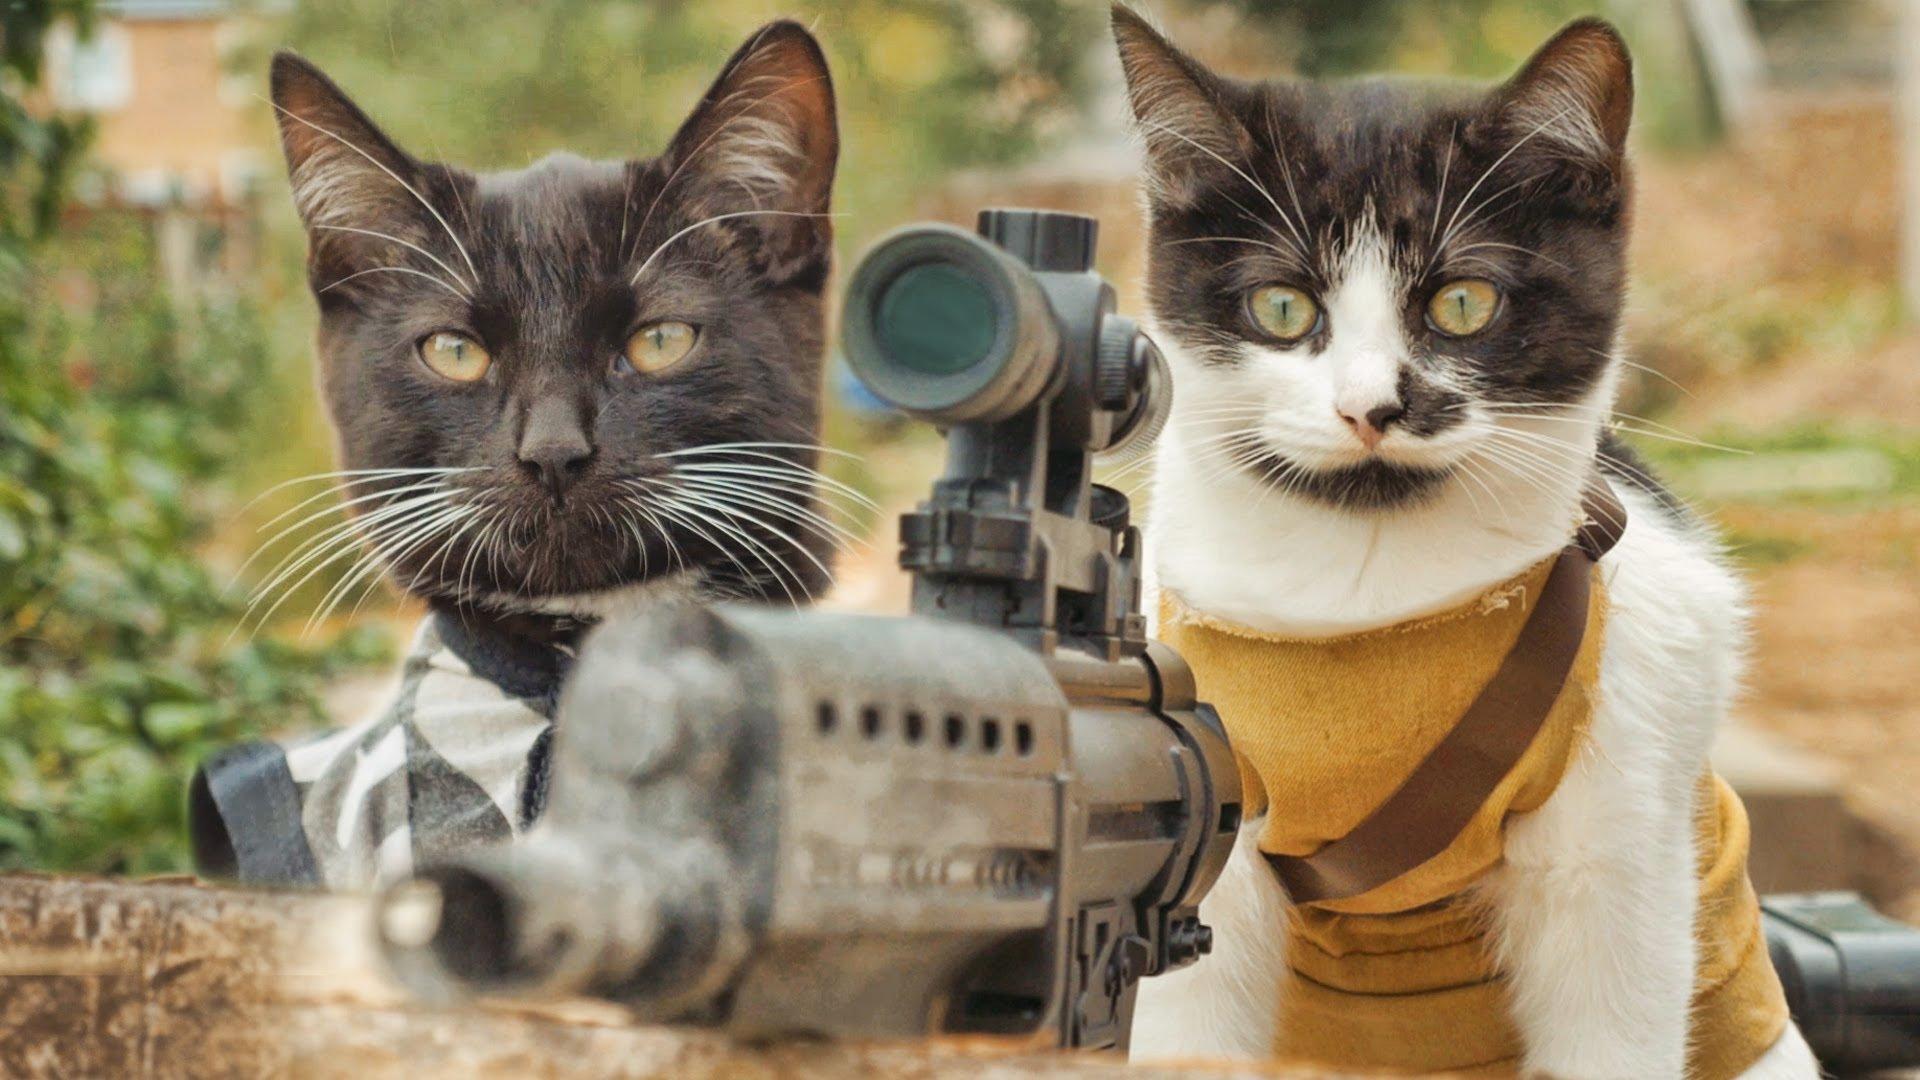 จัดไปชุดใหญ่ หนังฟอมยักของน้องแมว